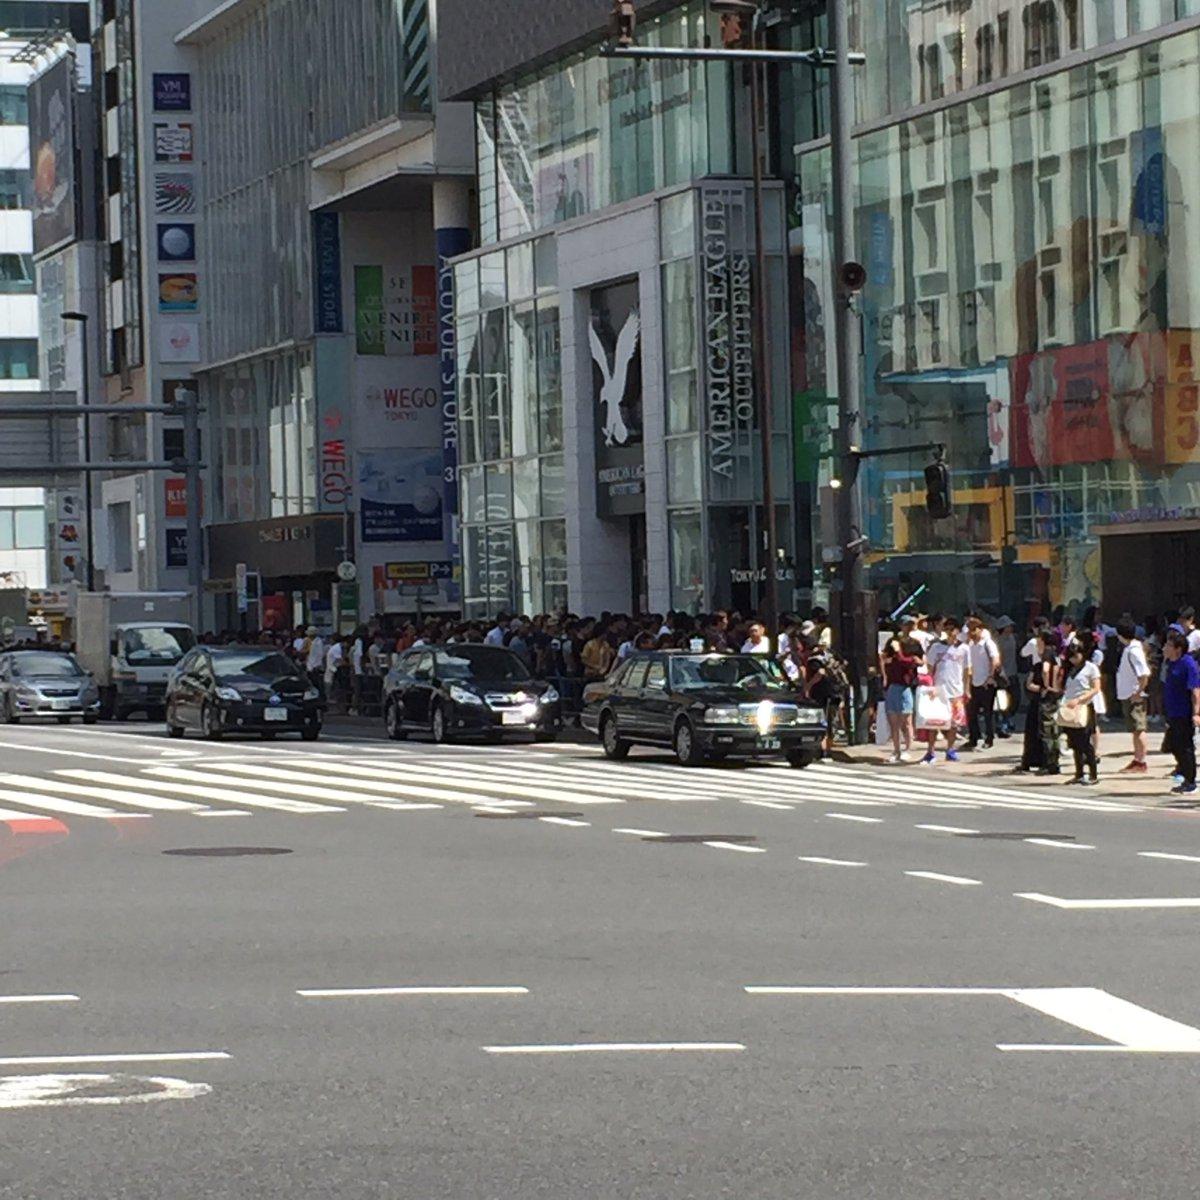 並び ゴローズ 今日東京原宿のゴローズに行きました。定員の態度の悪さ、店員の最低な人間性。はっきり言って最